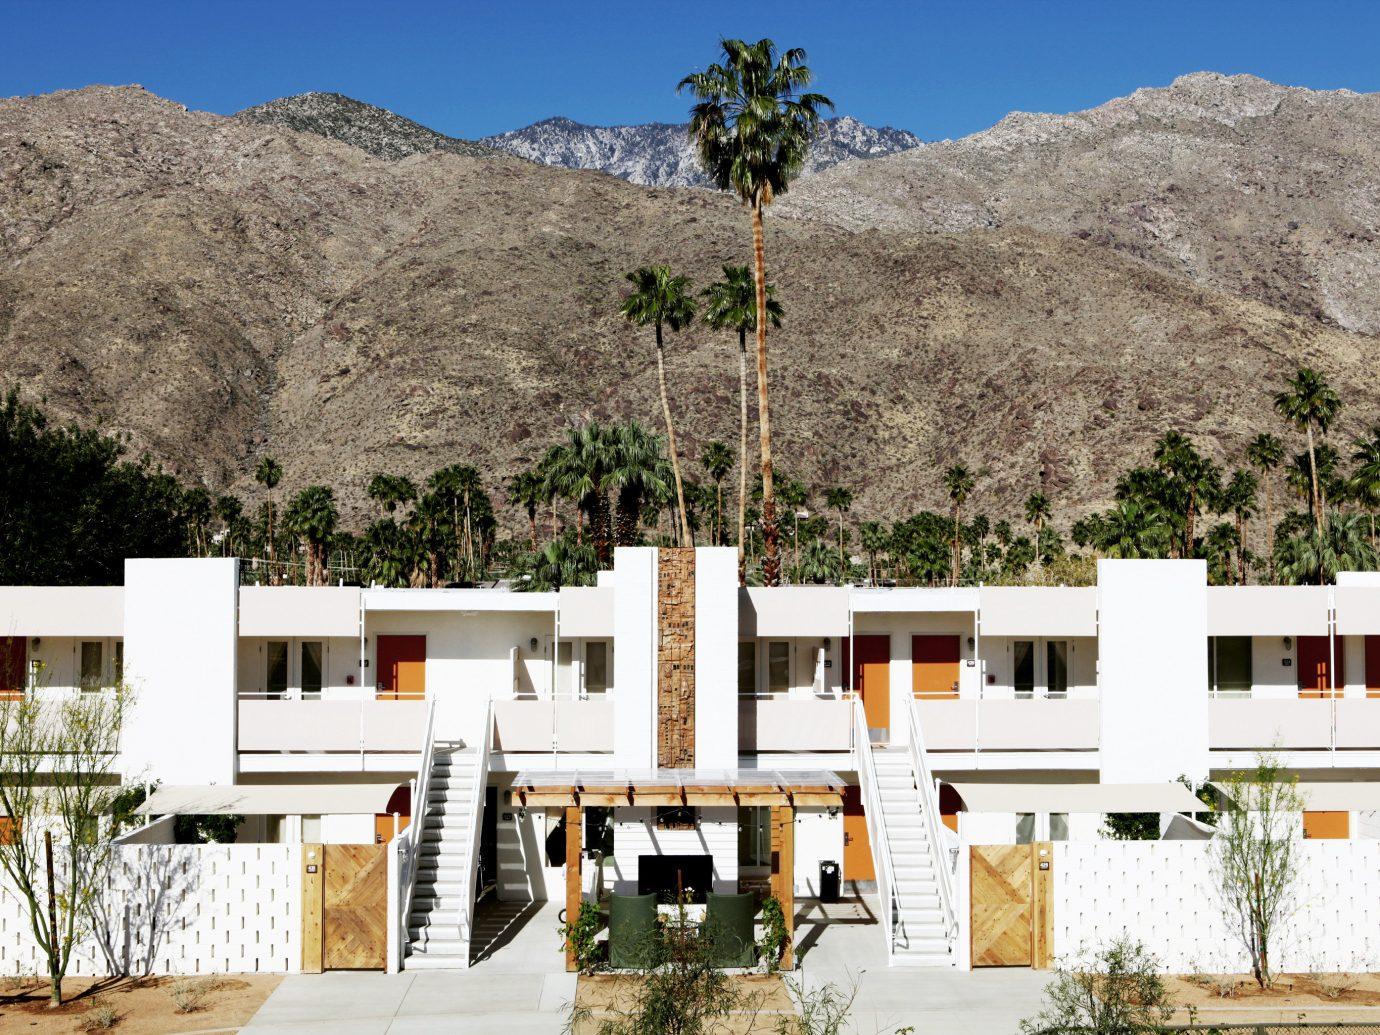 Exterior view of Saguaro Palm Springs